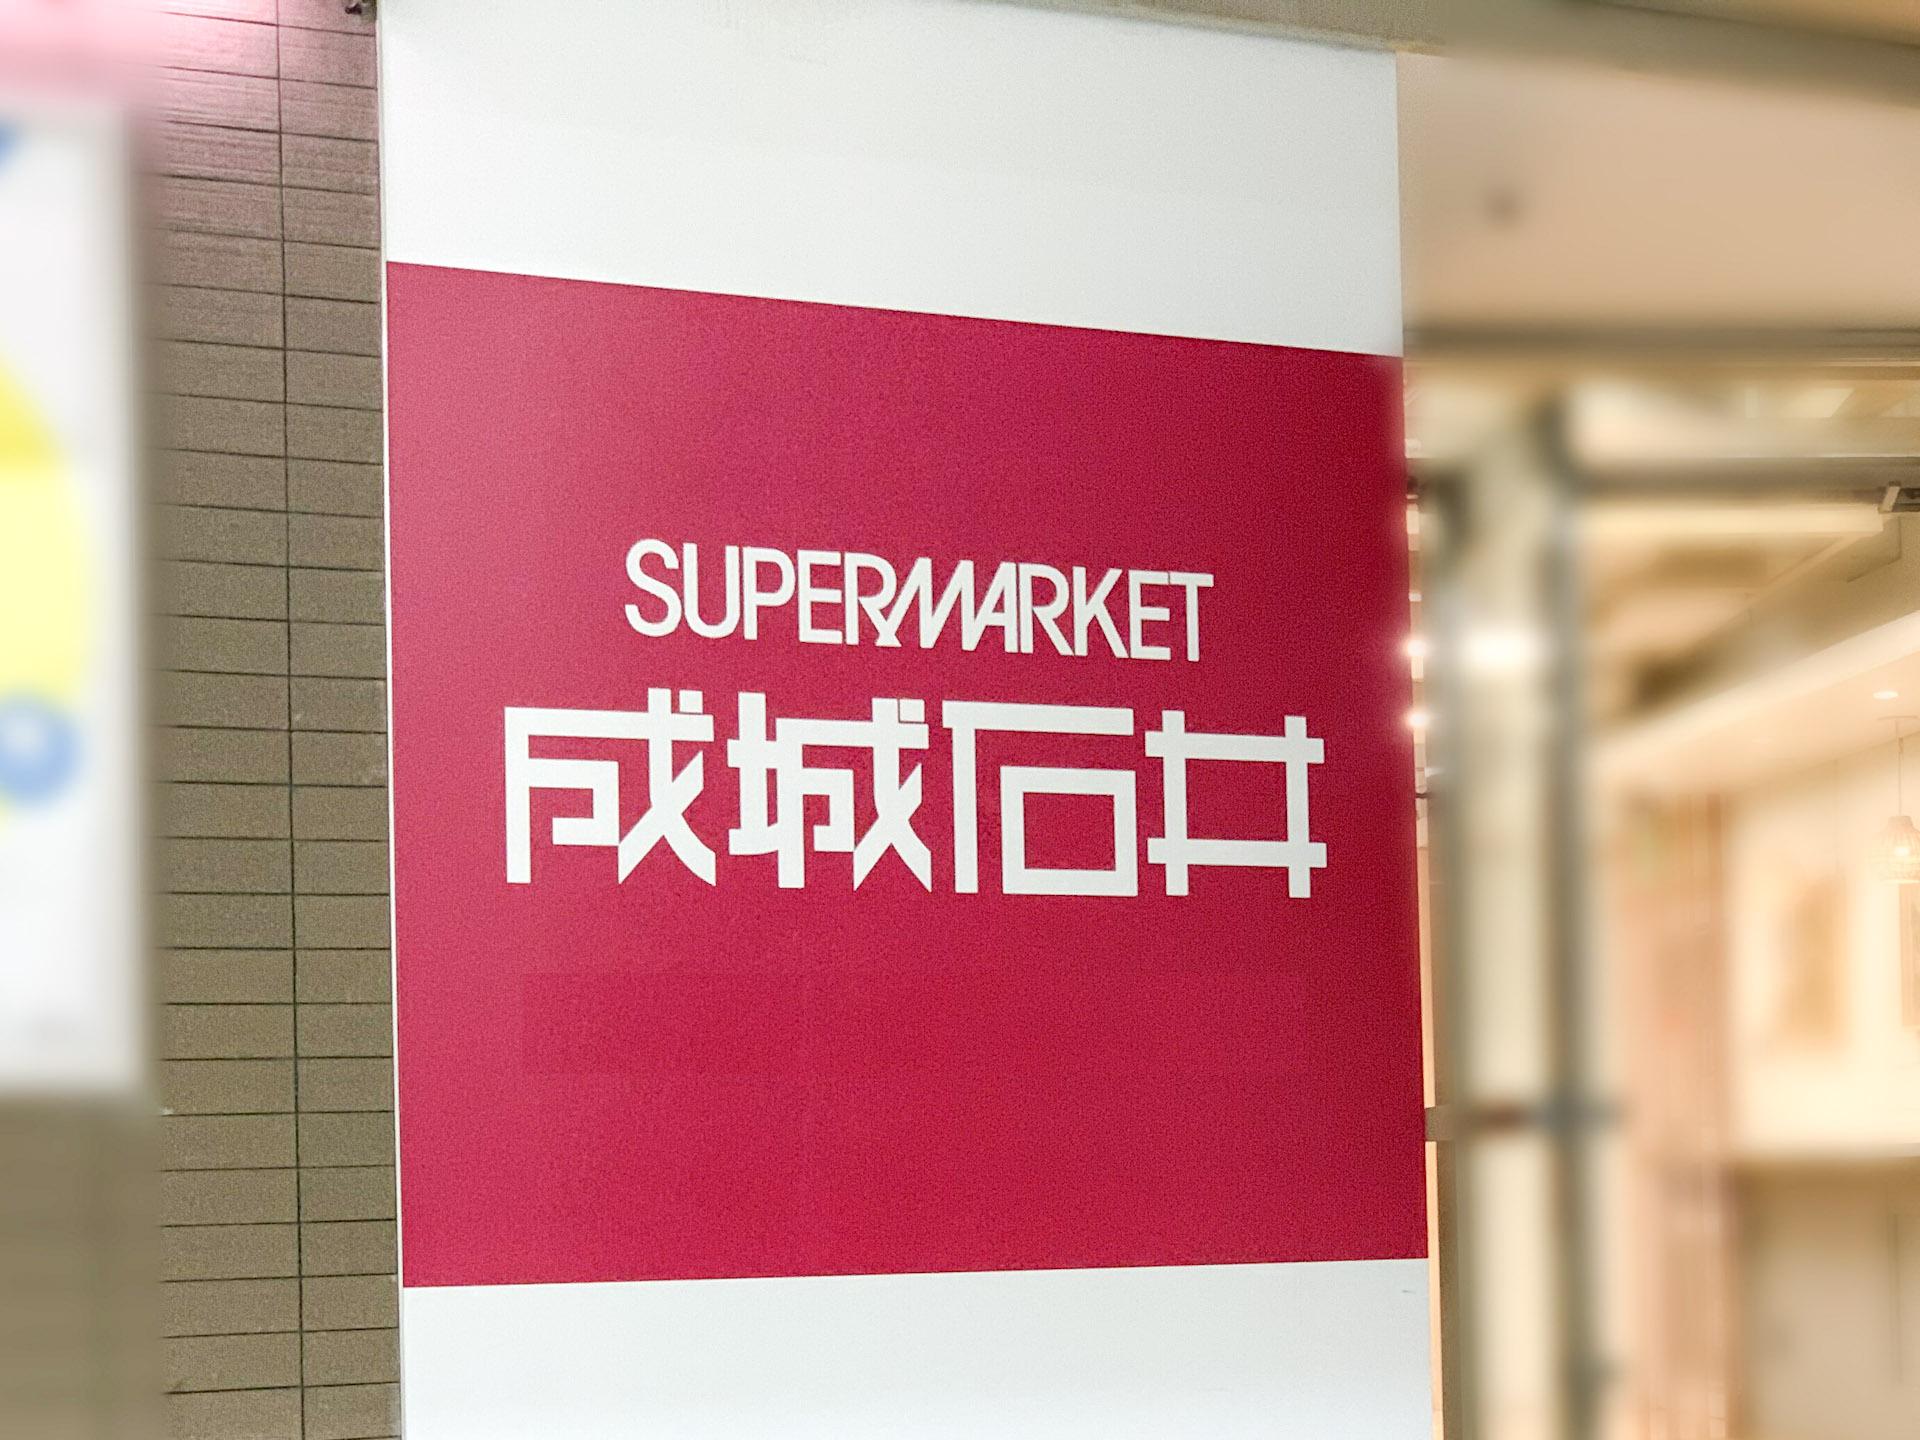 オリジナルグルメが人気の成城石井は東京に店舗がたくさん!おすすめの店舗は?